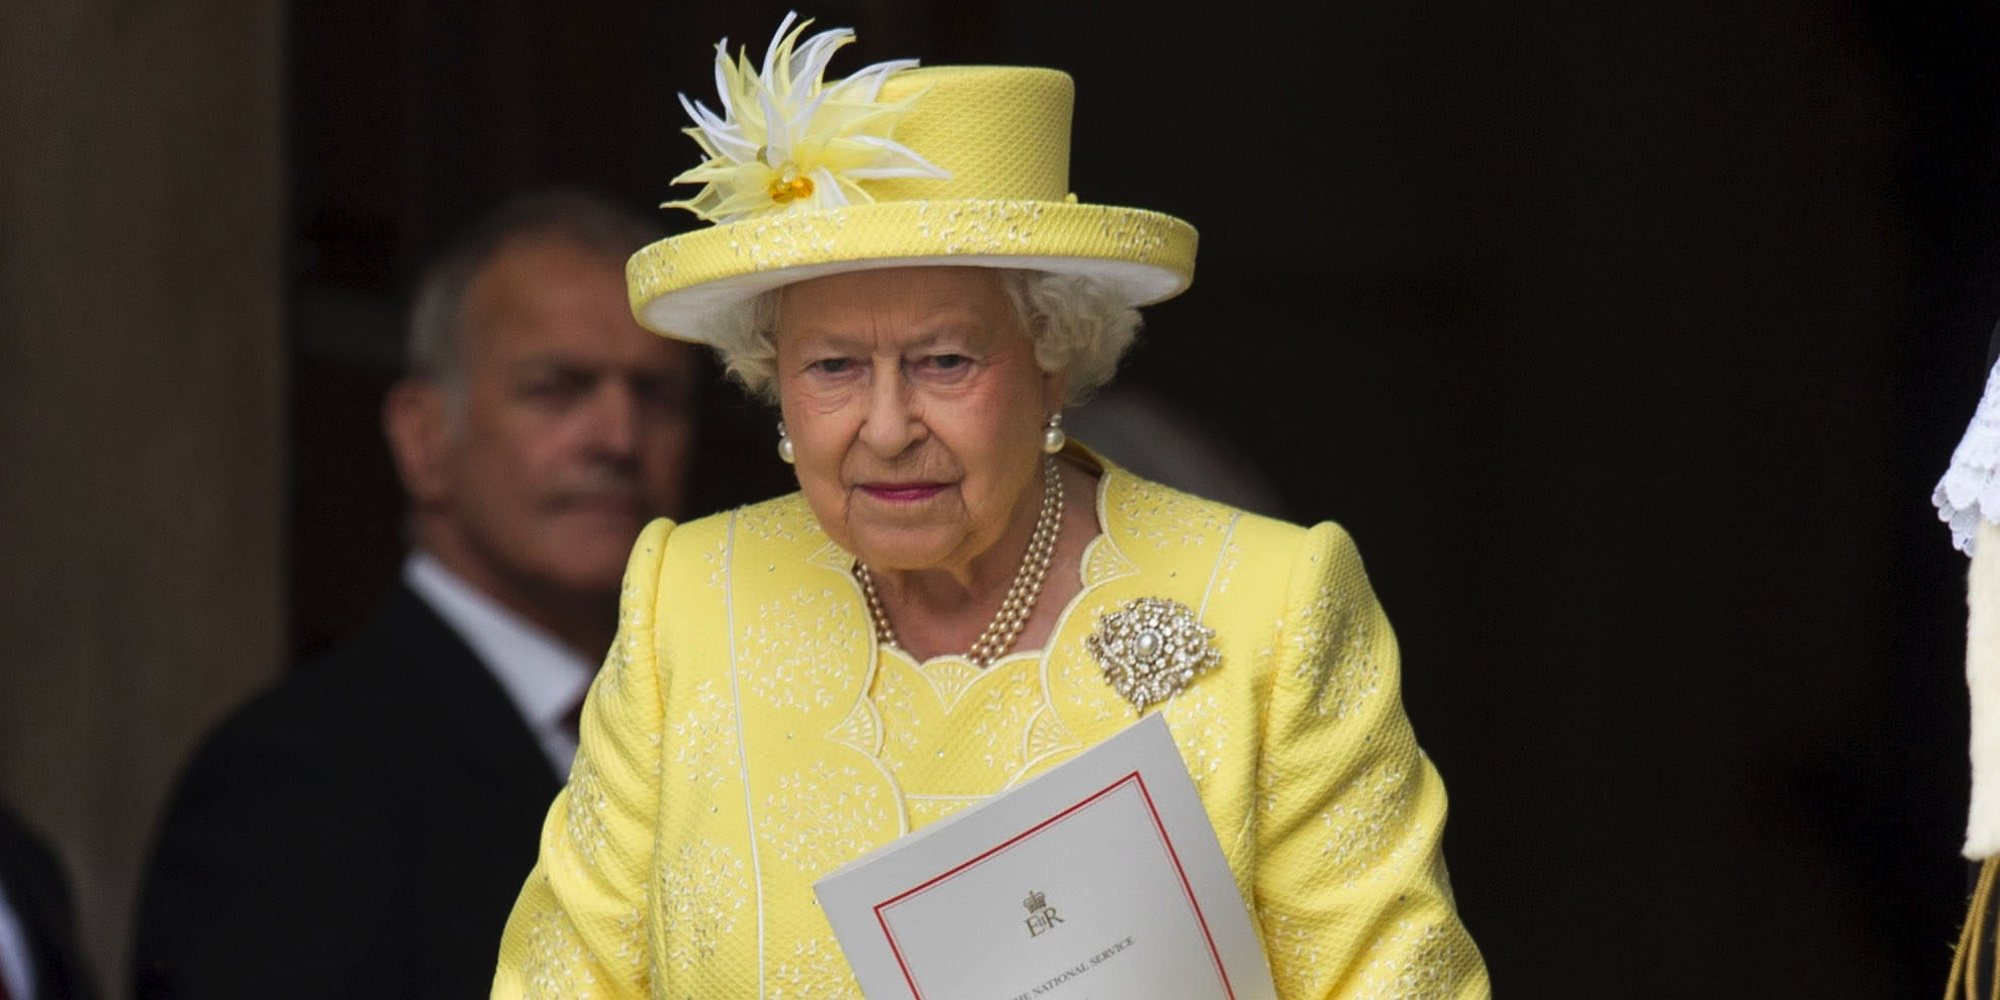 Un trabajador de la Reina Isabel en el Palacio de Buckingham da positivo por coronavirus